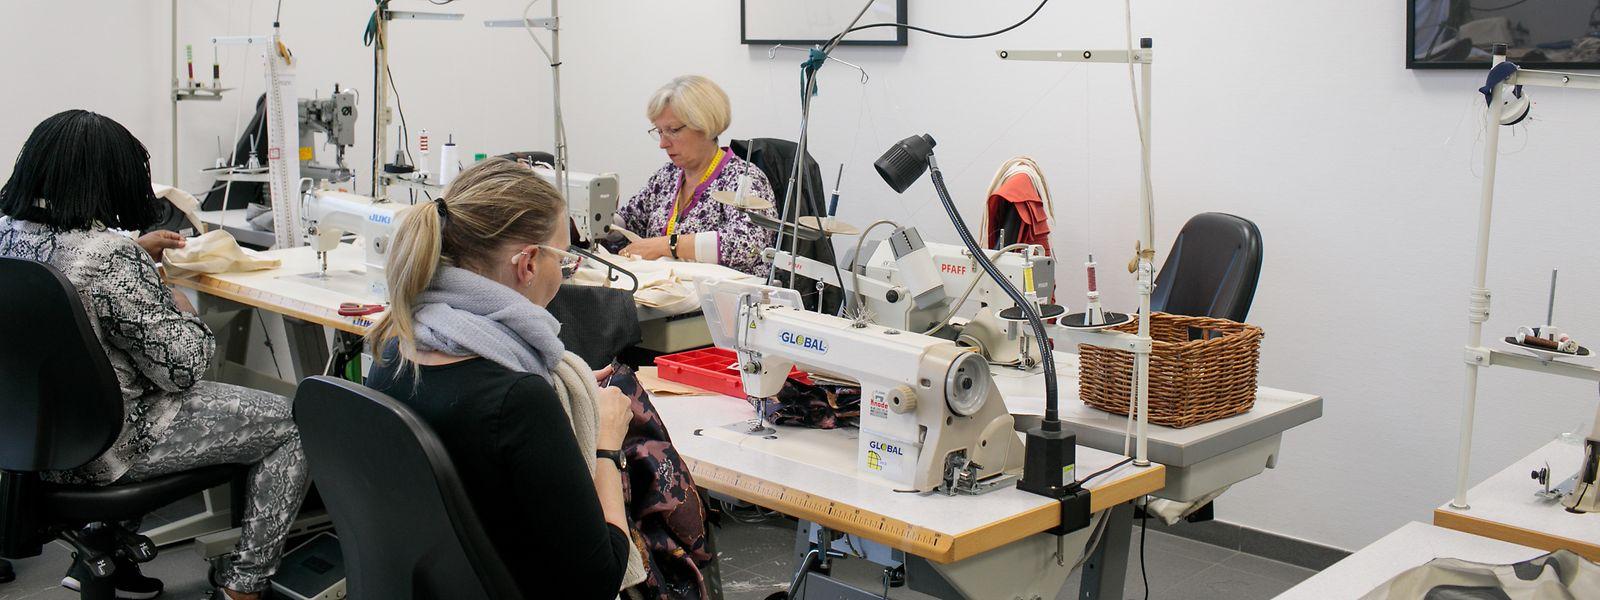 Im Nähatelier der Vereinigung ATP in der Industriezone in Kehlen stellen die Mitarbeiterinnen Kleidung nach Maß her.